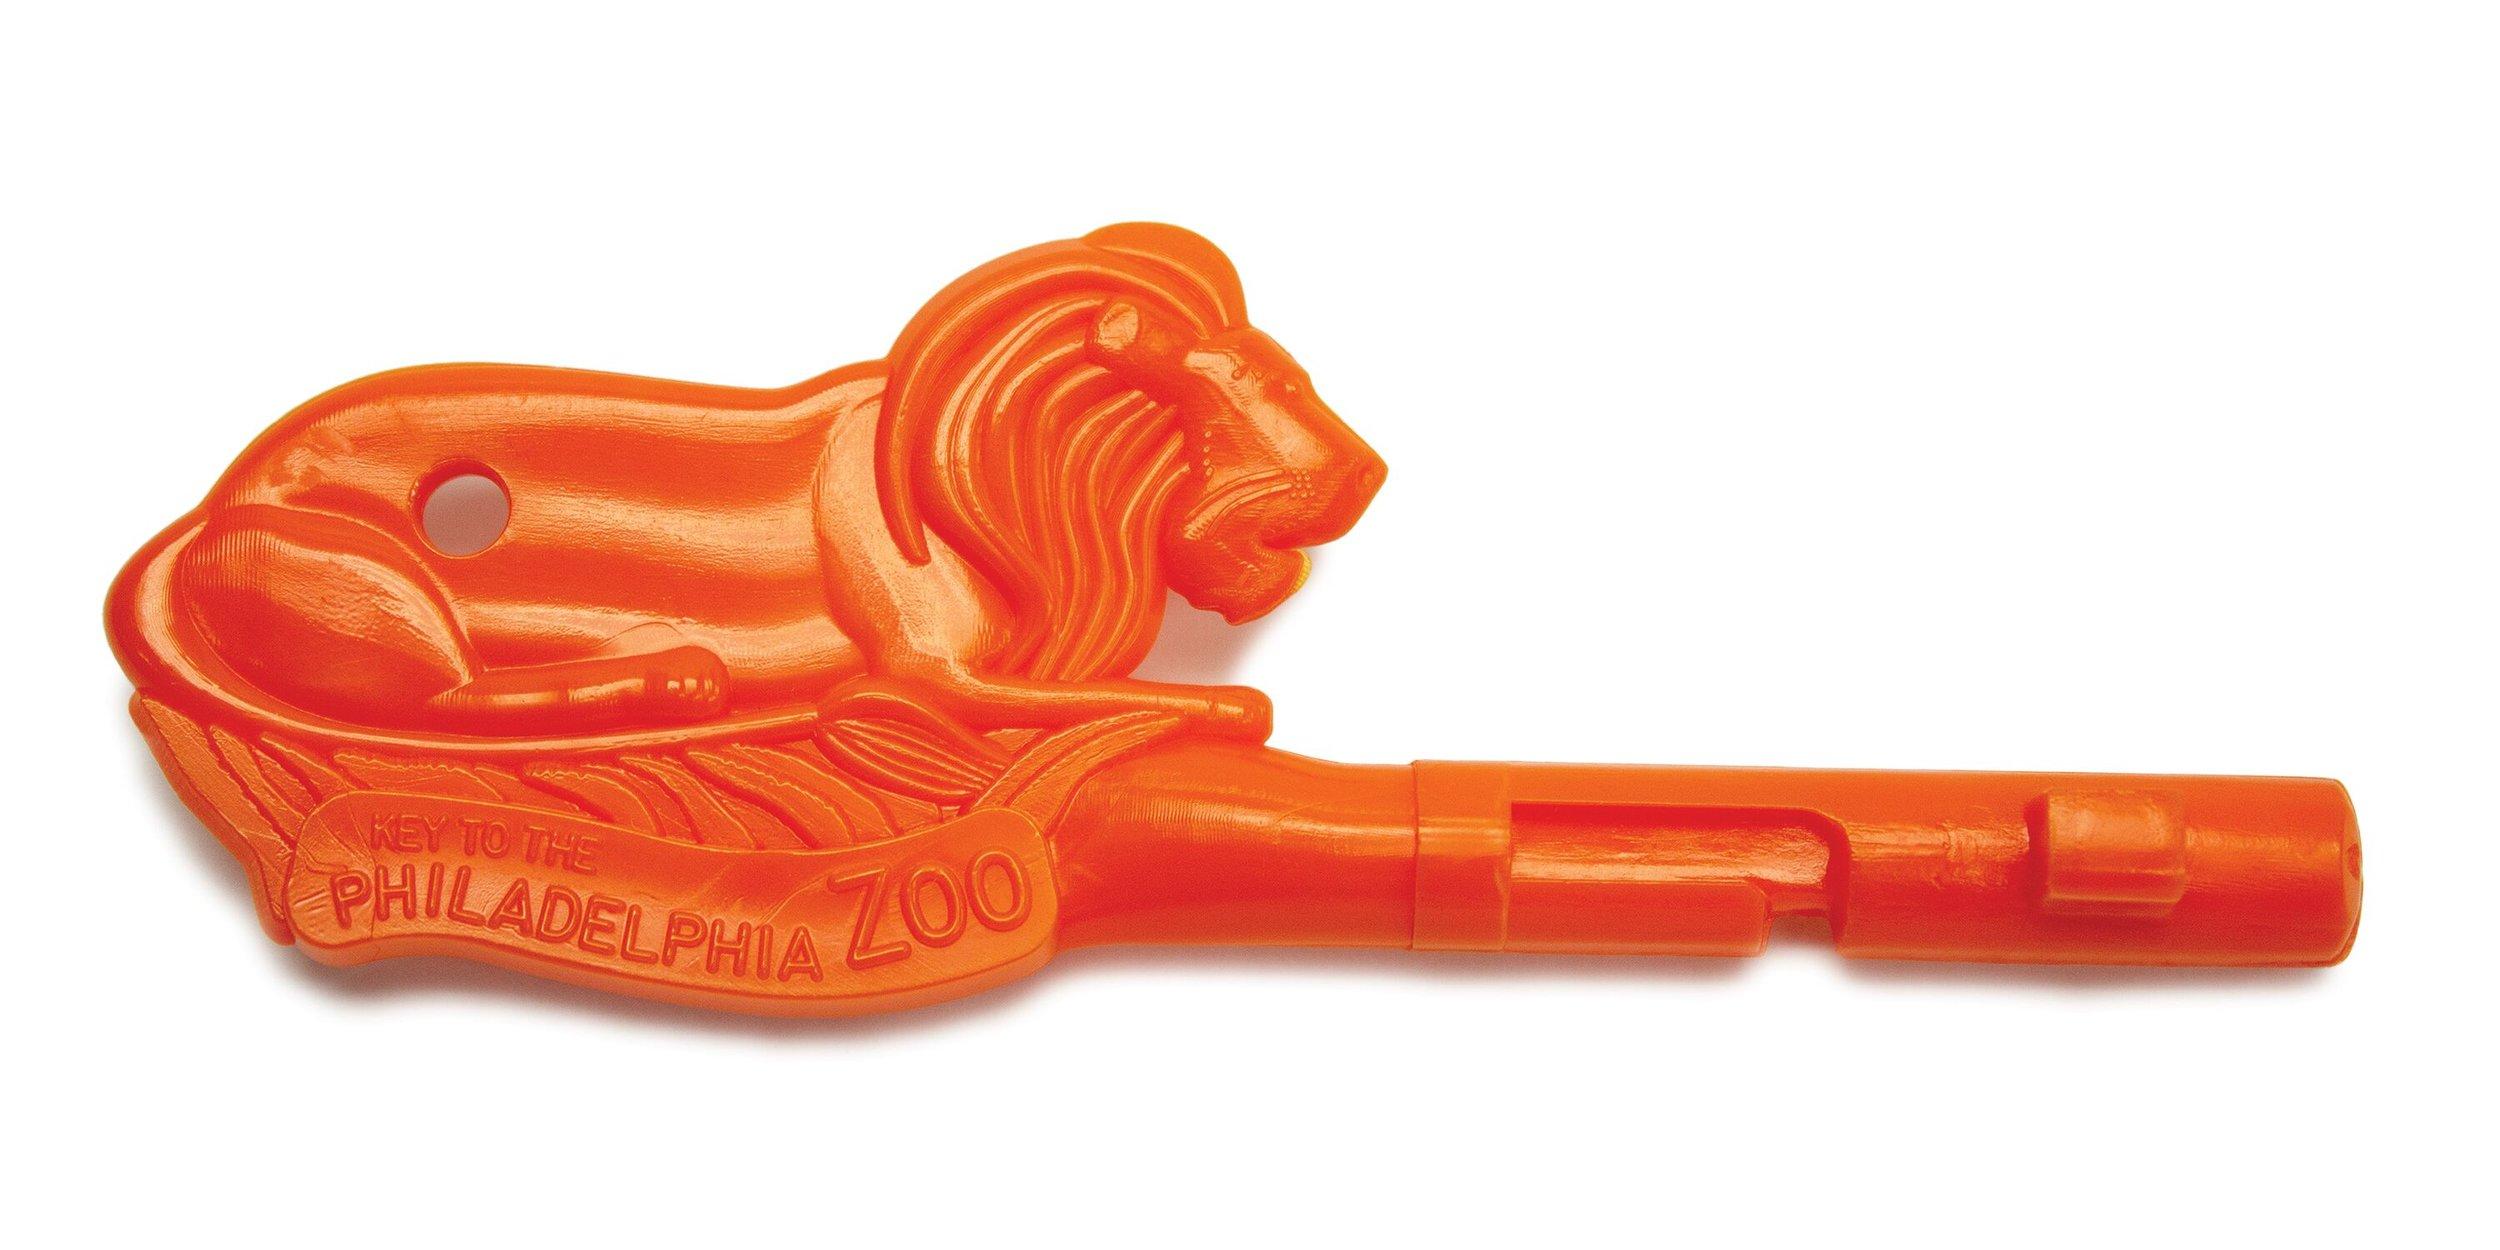 Return of the Zoo Key